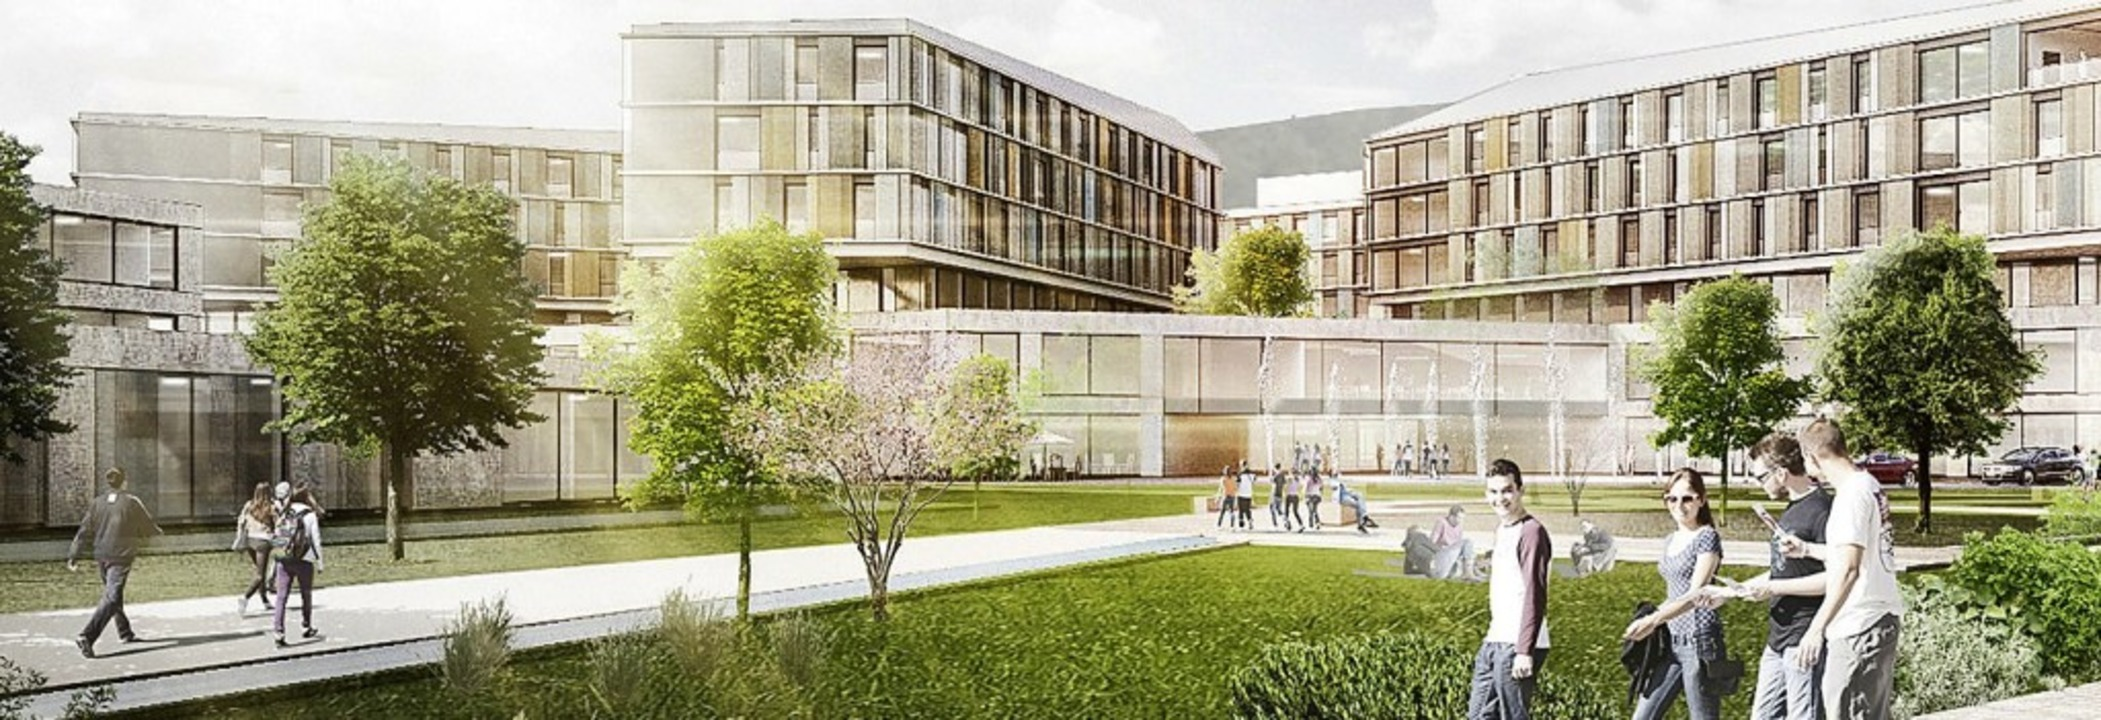 Bauherr des geplanten Zentralklinikums...aber letztlich der Landkreis Lörrach.   | Foto: Visualisierung: a|sharchitekten